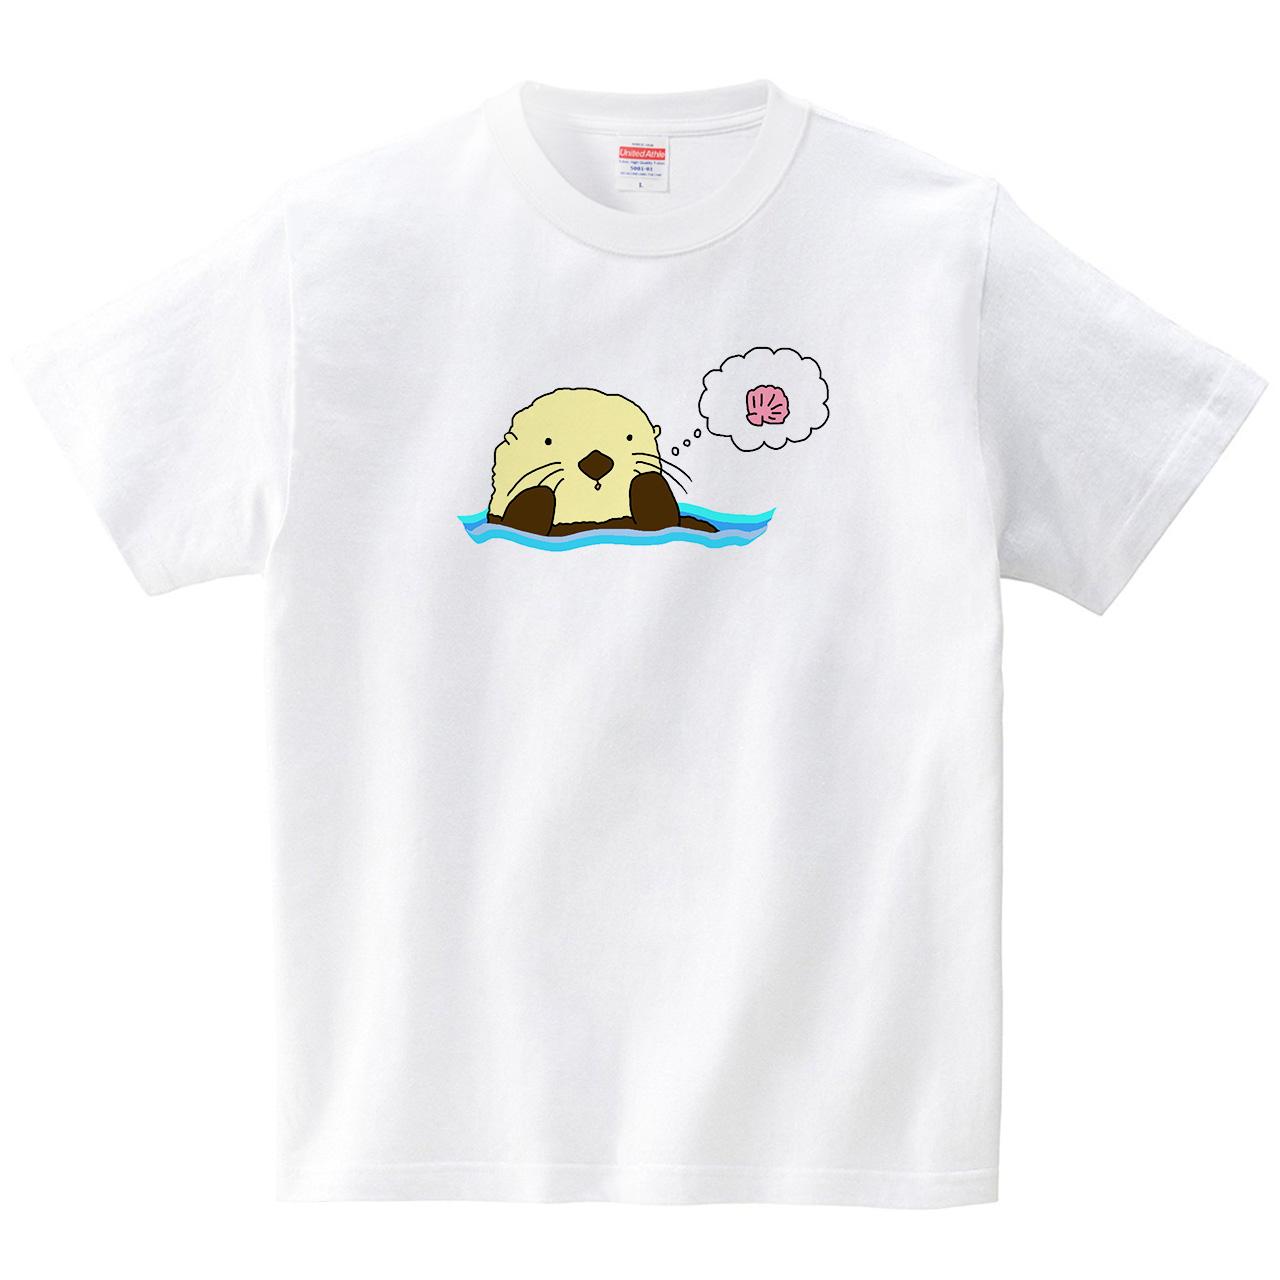 ラッコ(Tシャツ・ホワイト)(あおまんぼう)